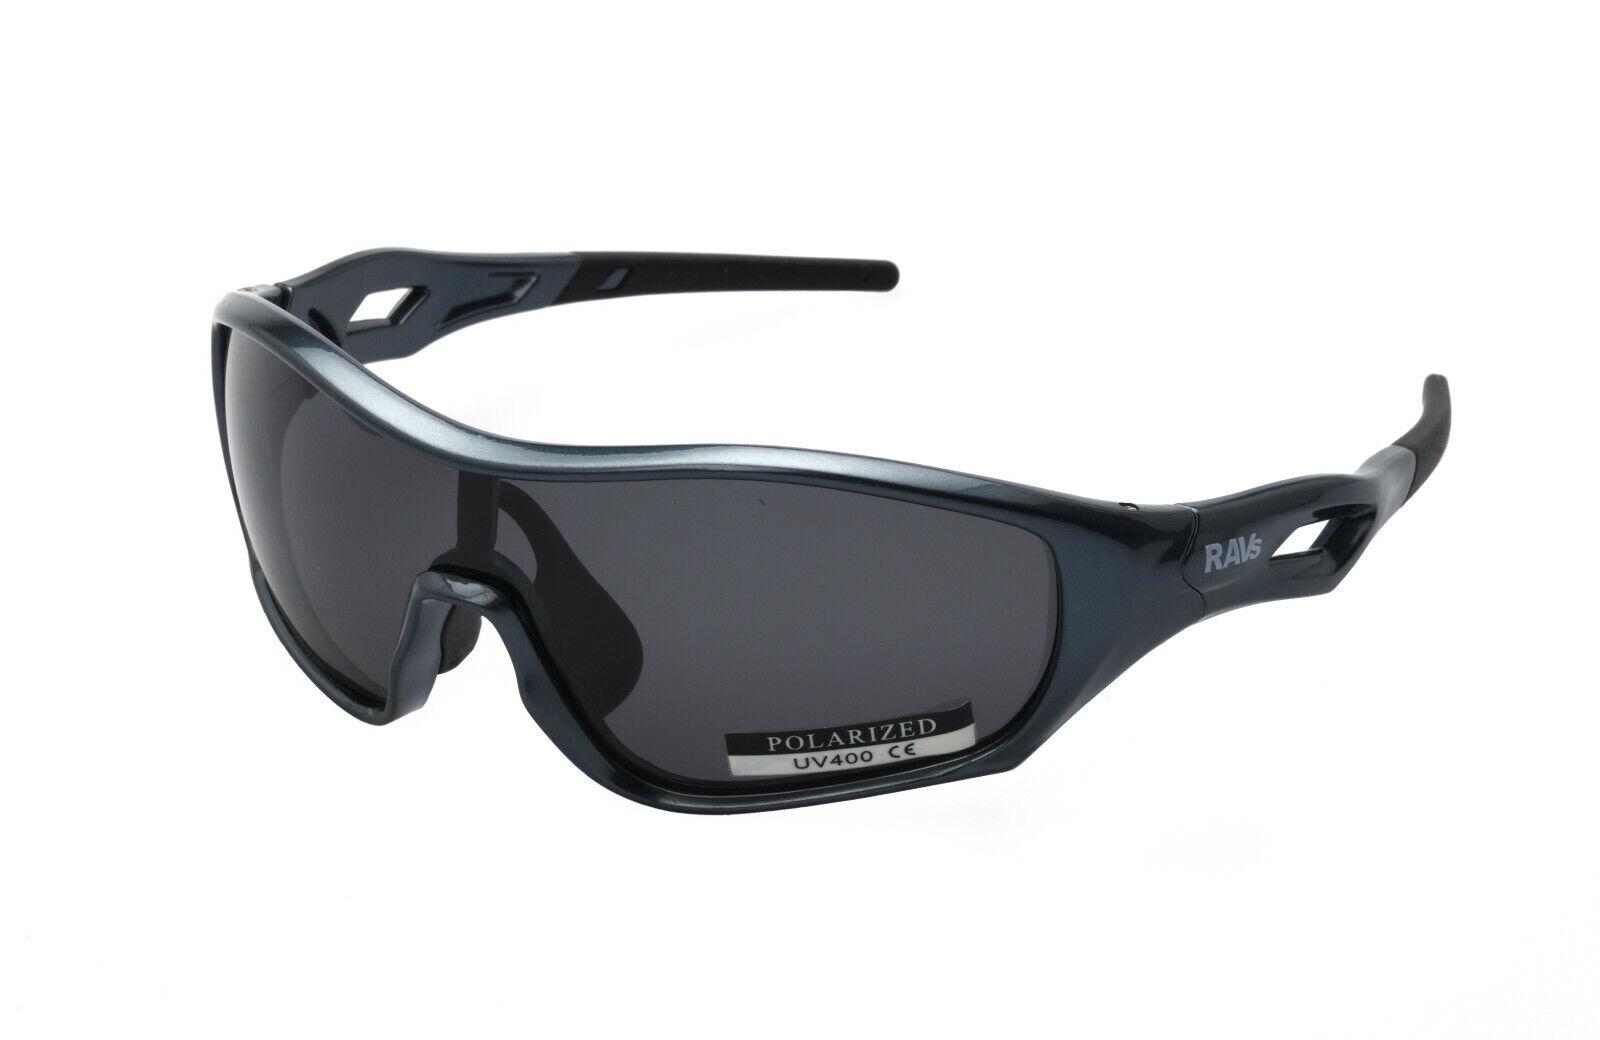 Ravs Motorradbrille Sonnenbrille HarleyCruiser BIKEBRILLE Schutzbrille Polarized